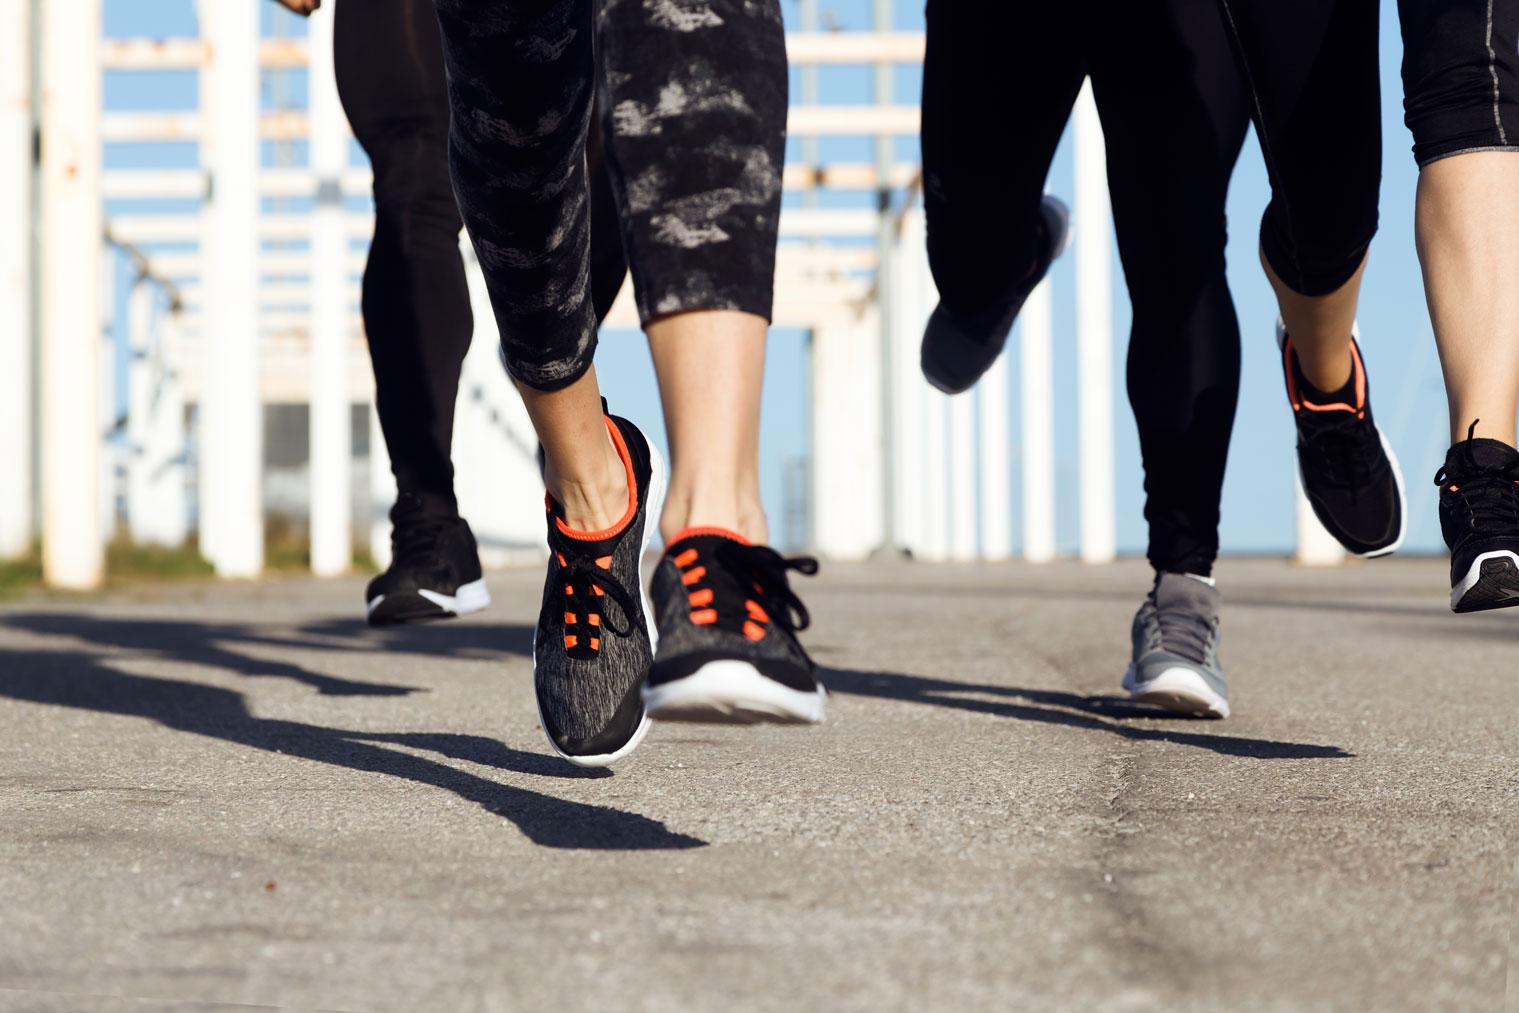 Daily running